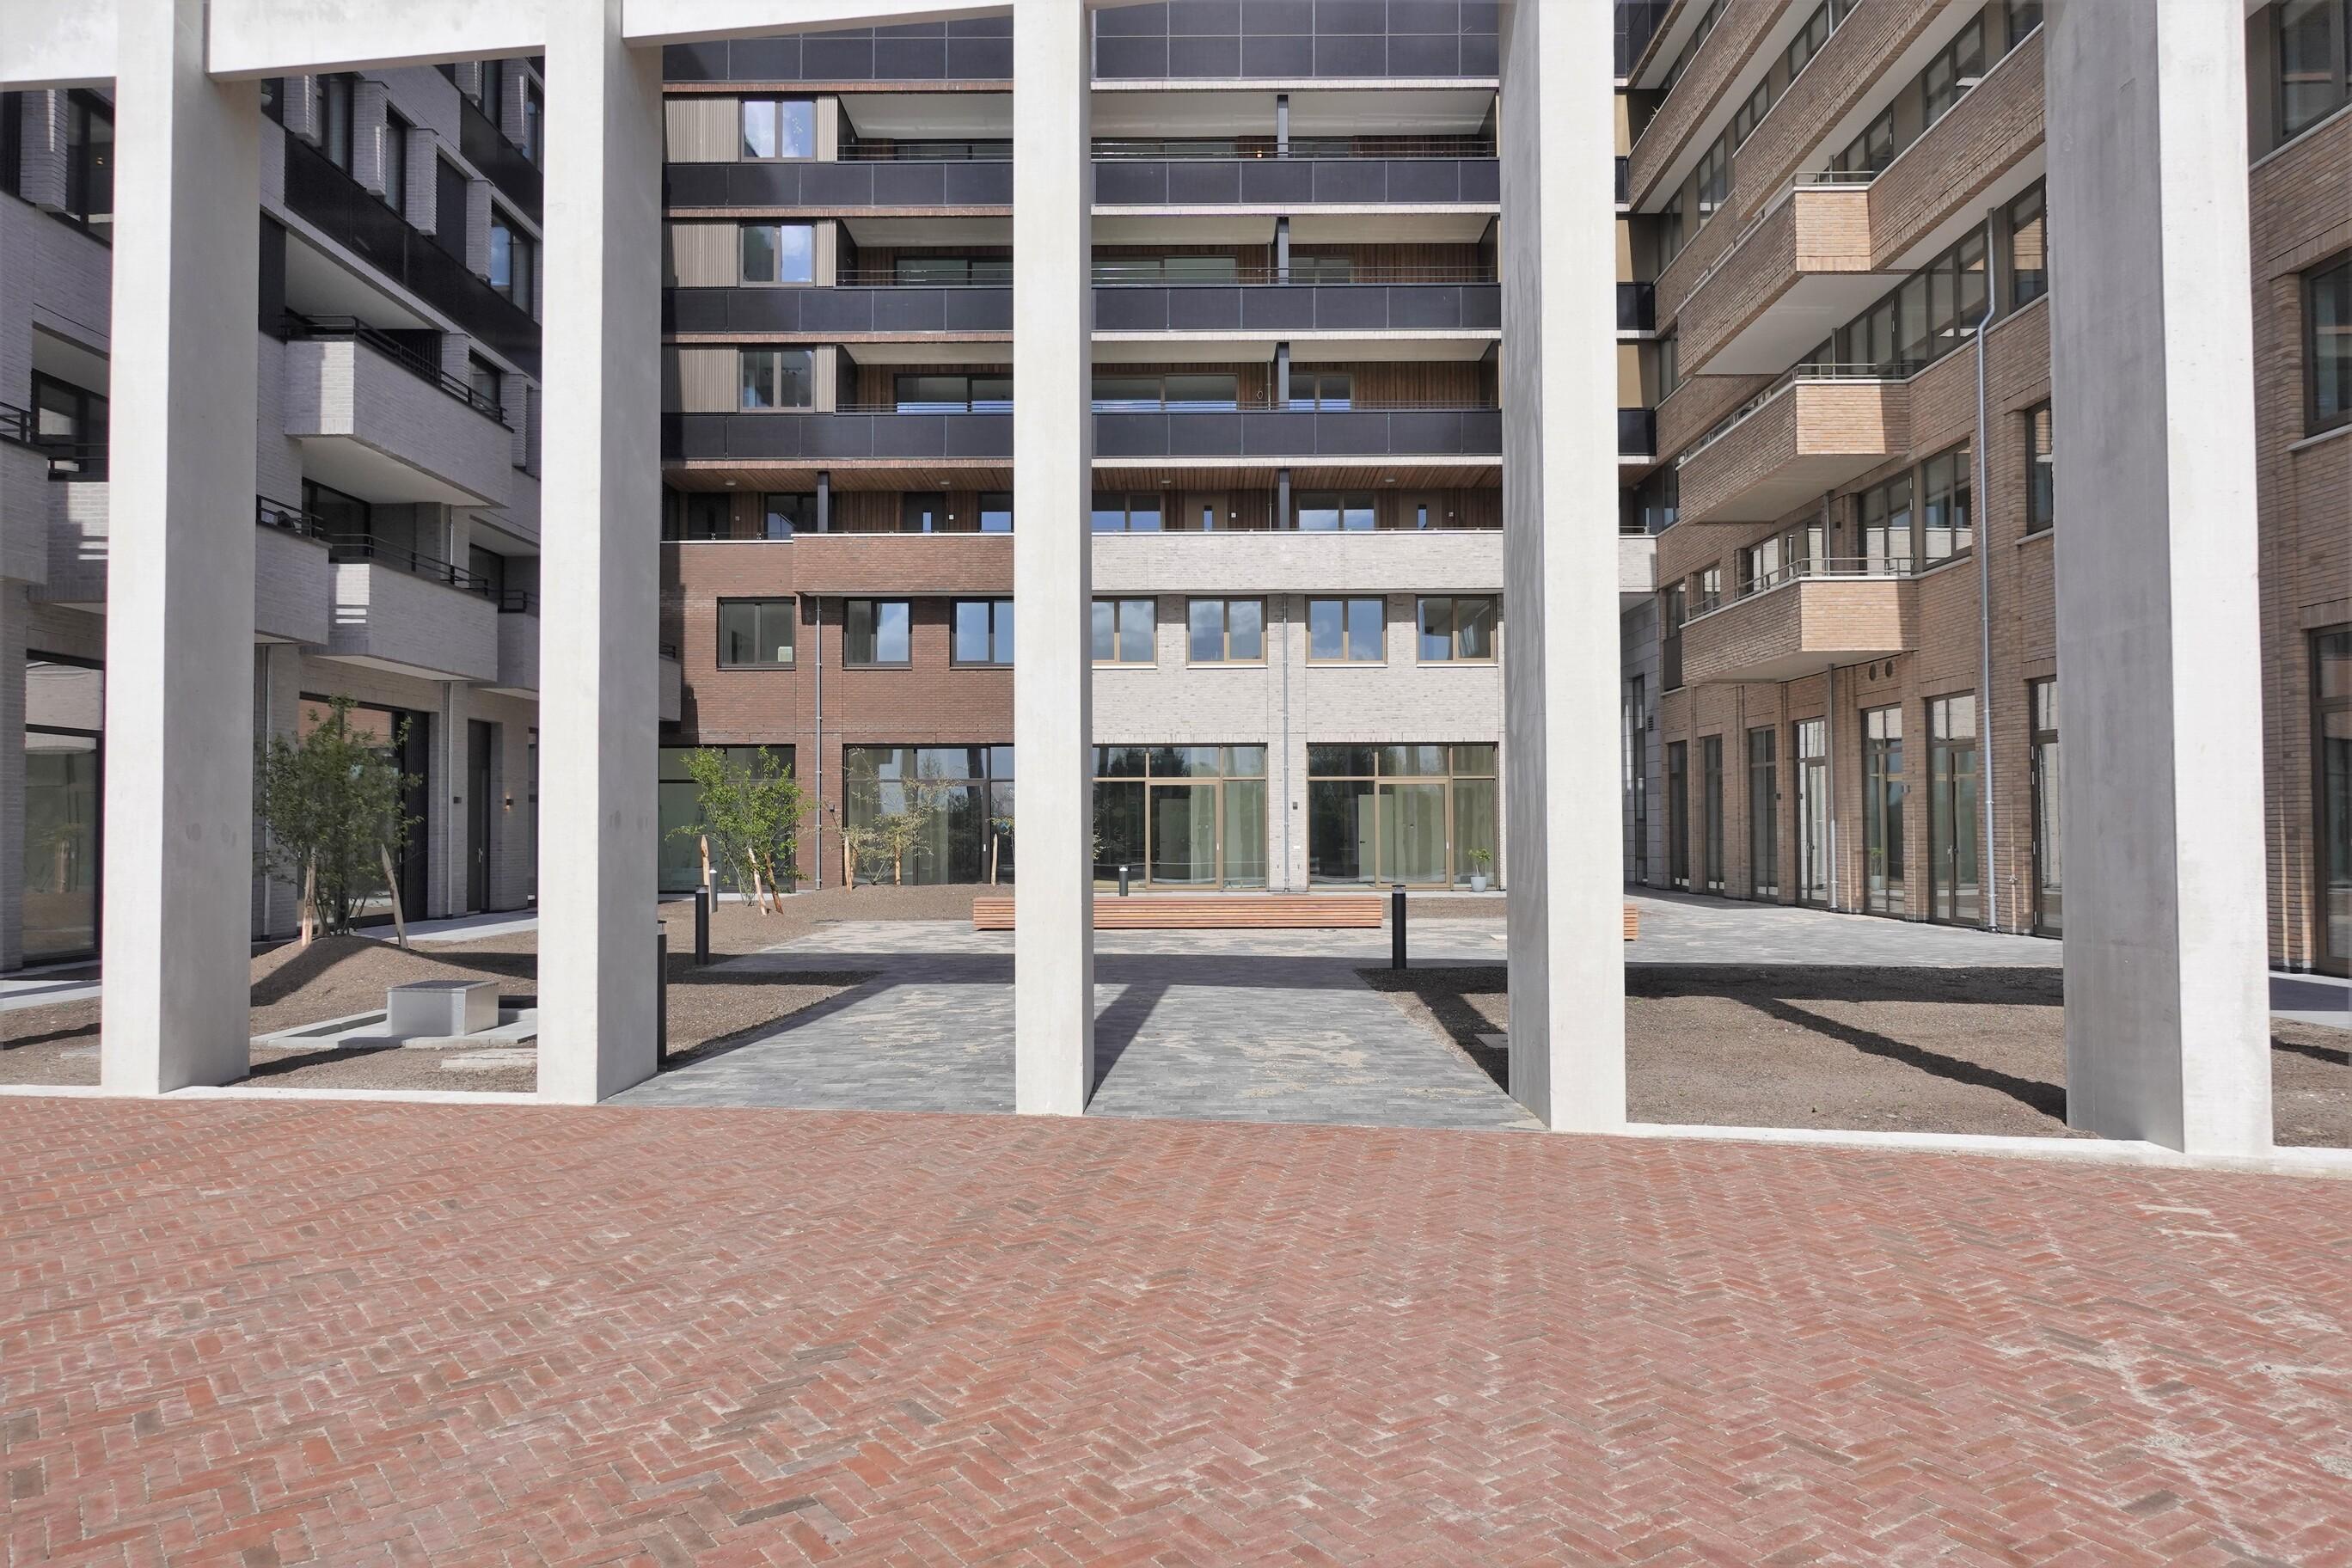 Romestraat 142, Utrecht